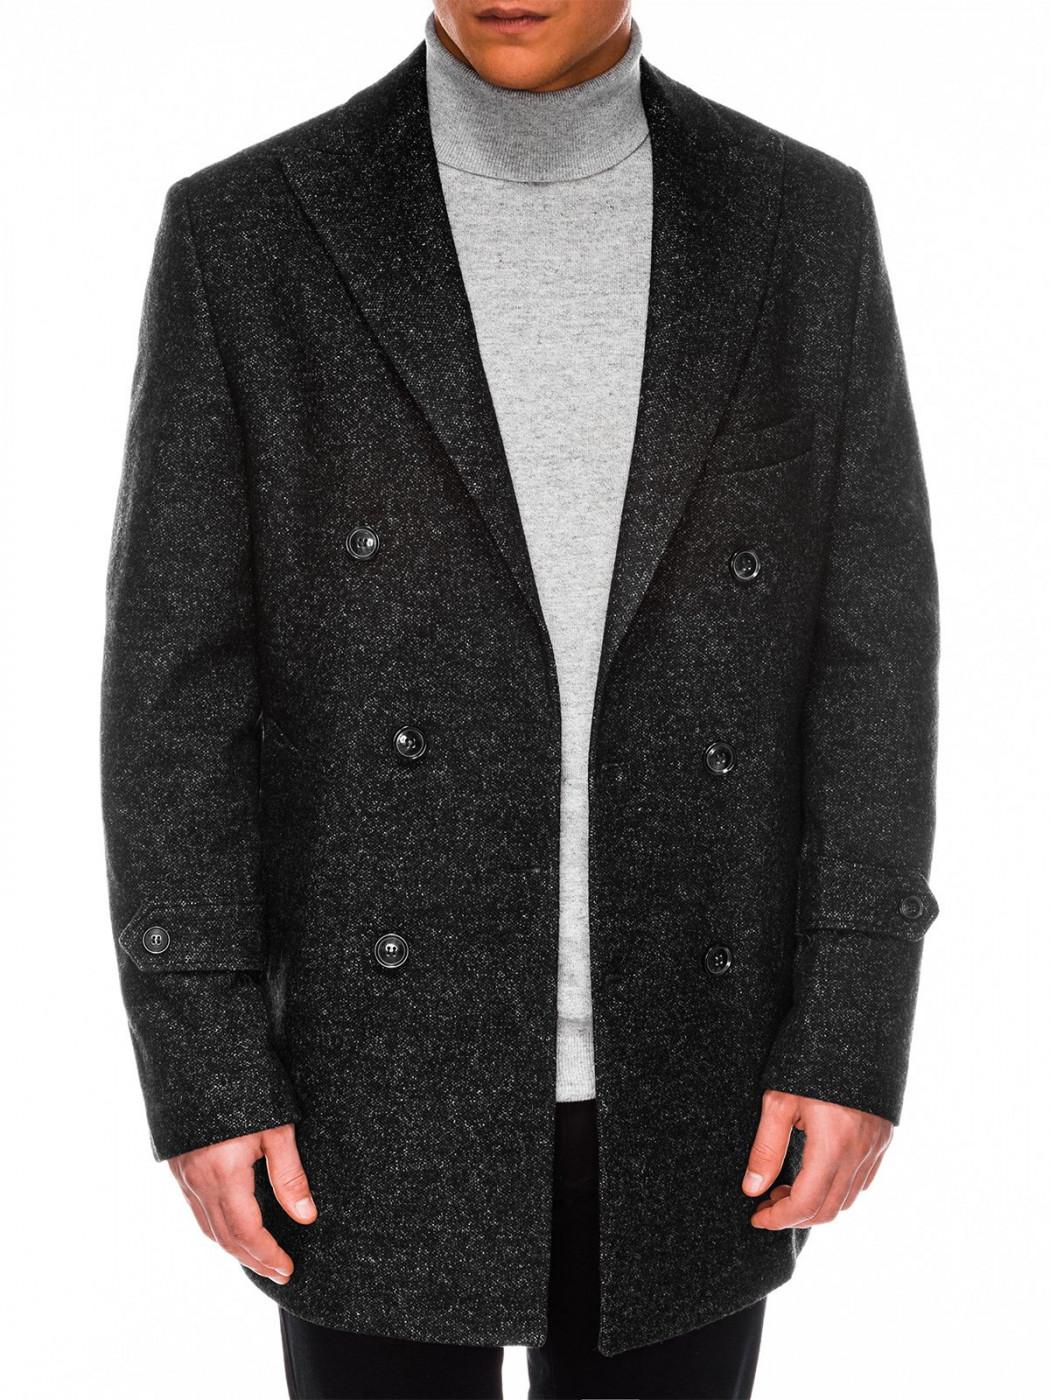 Ombre Clothing Men's oversize coat C429